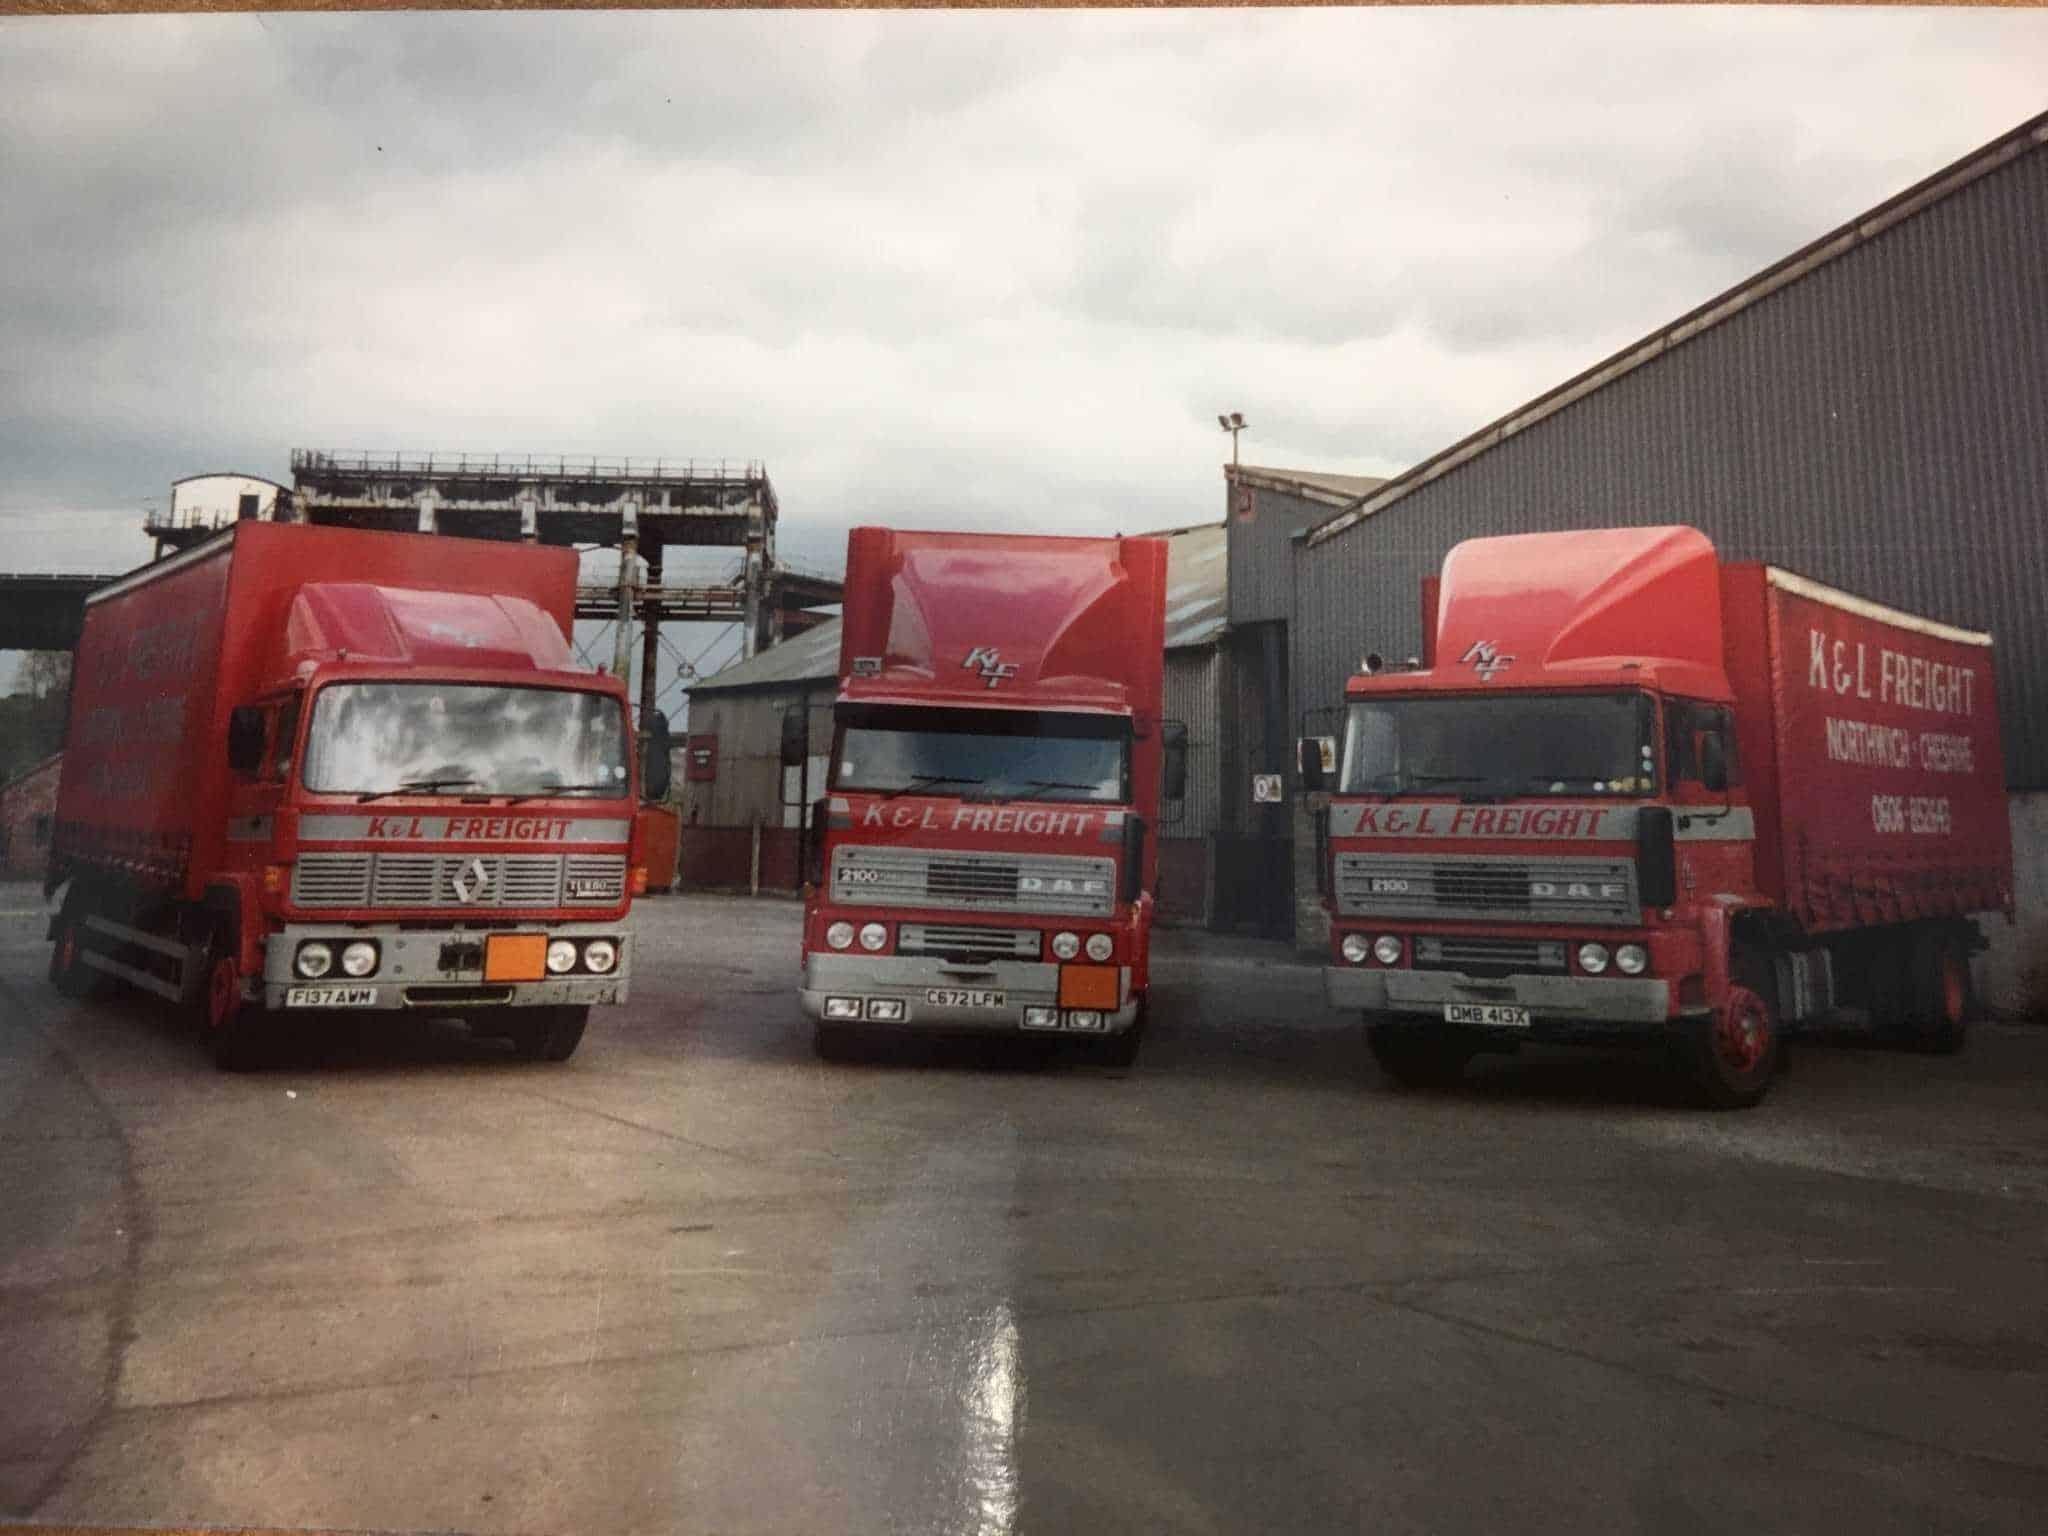 K&L Freight trucks in 1992